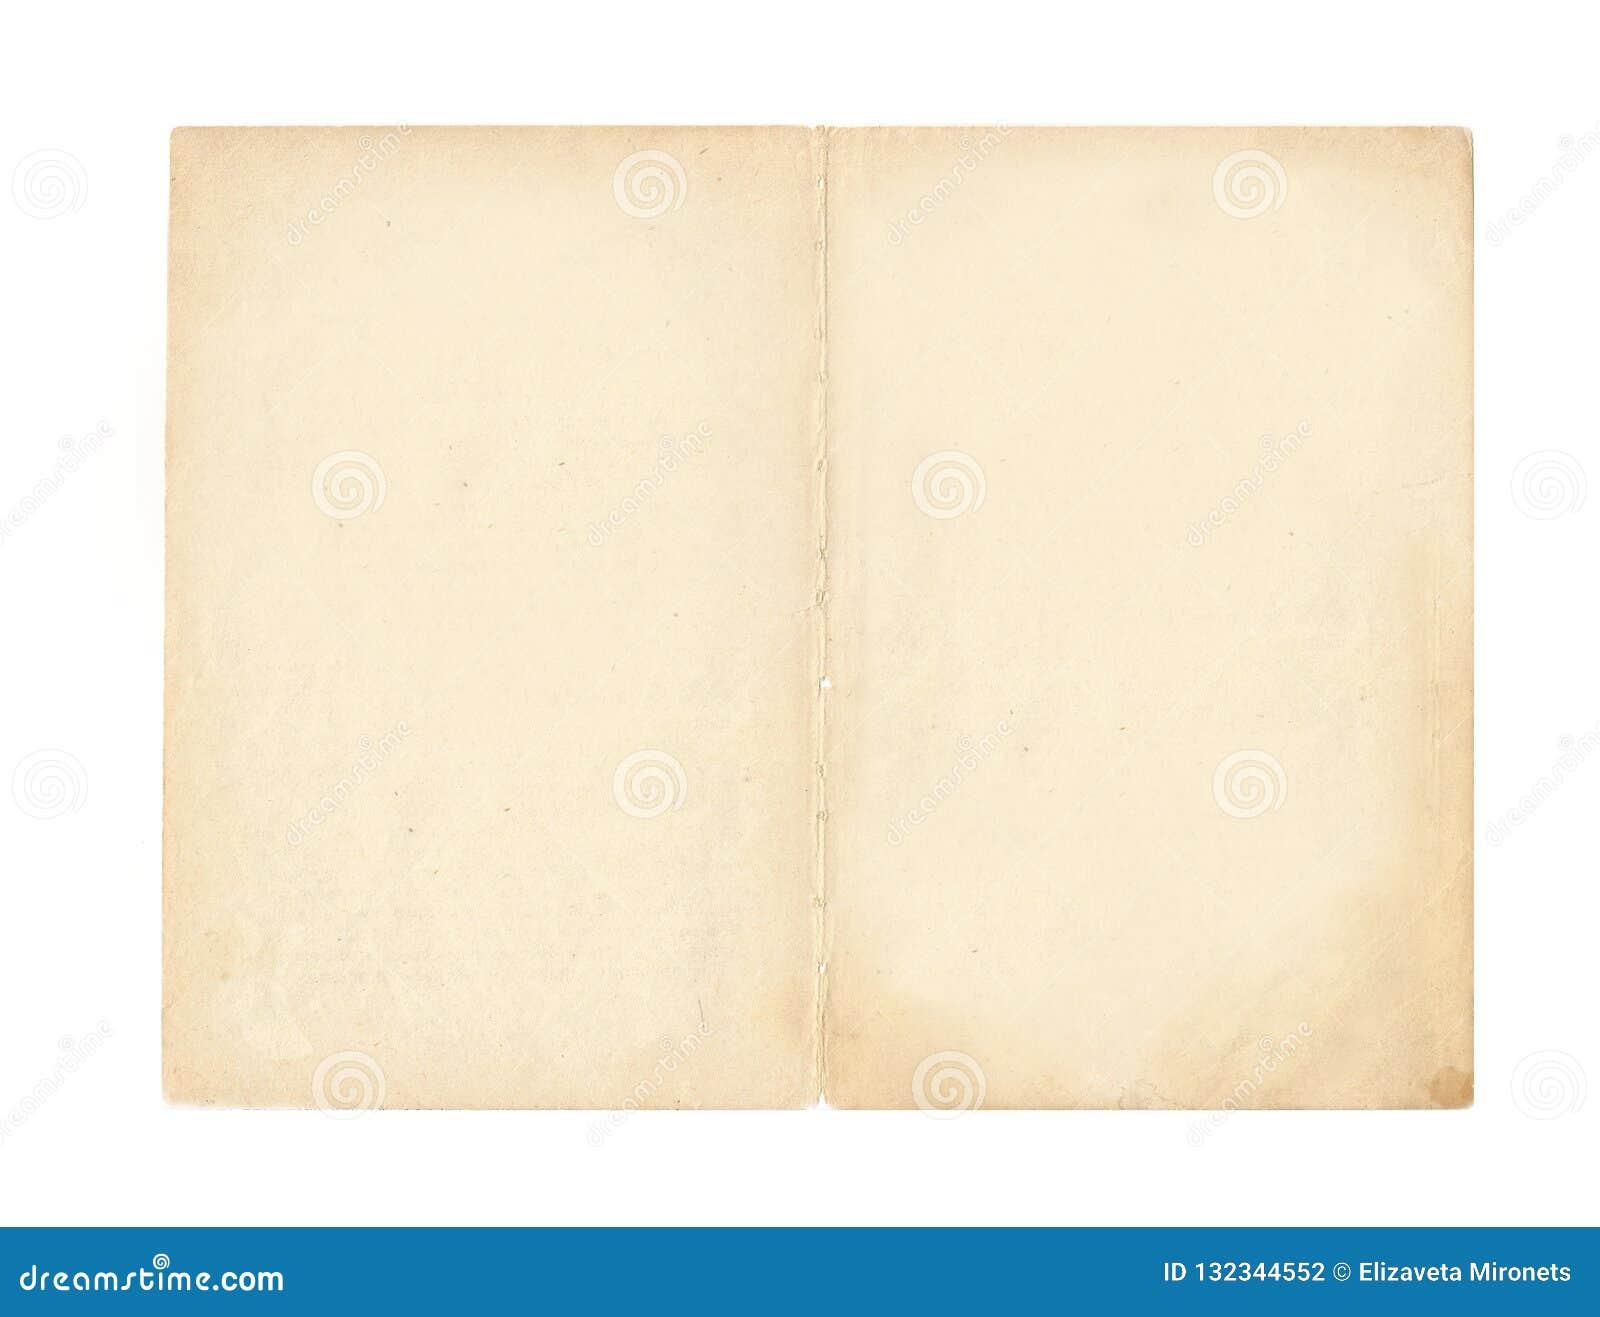 Espalhe do livro - uma página amarelada velha com bordas ásperas